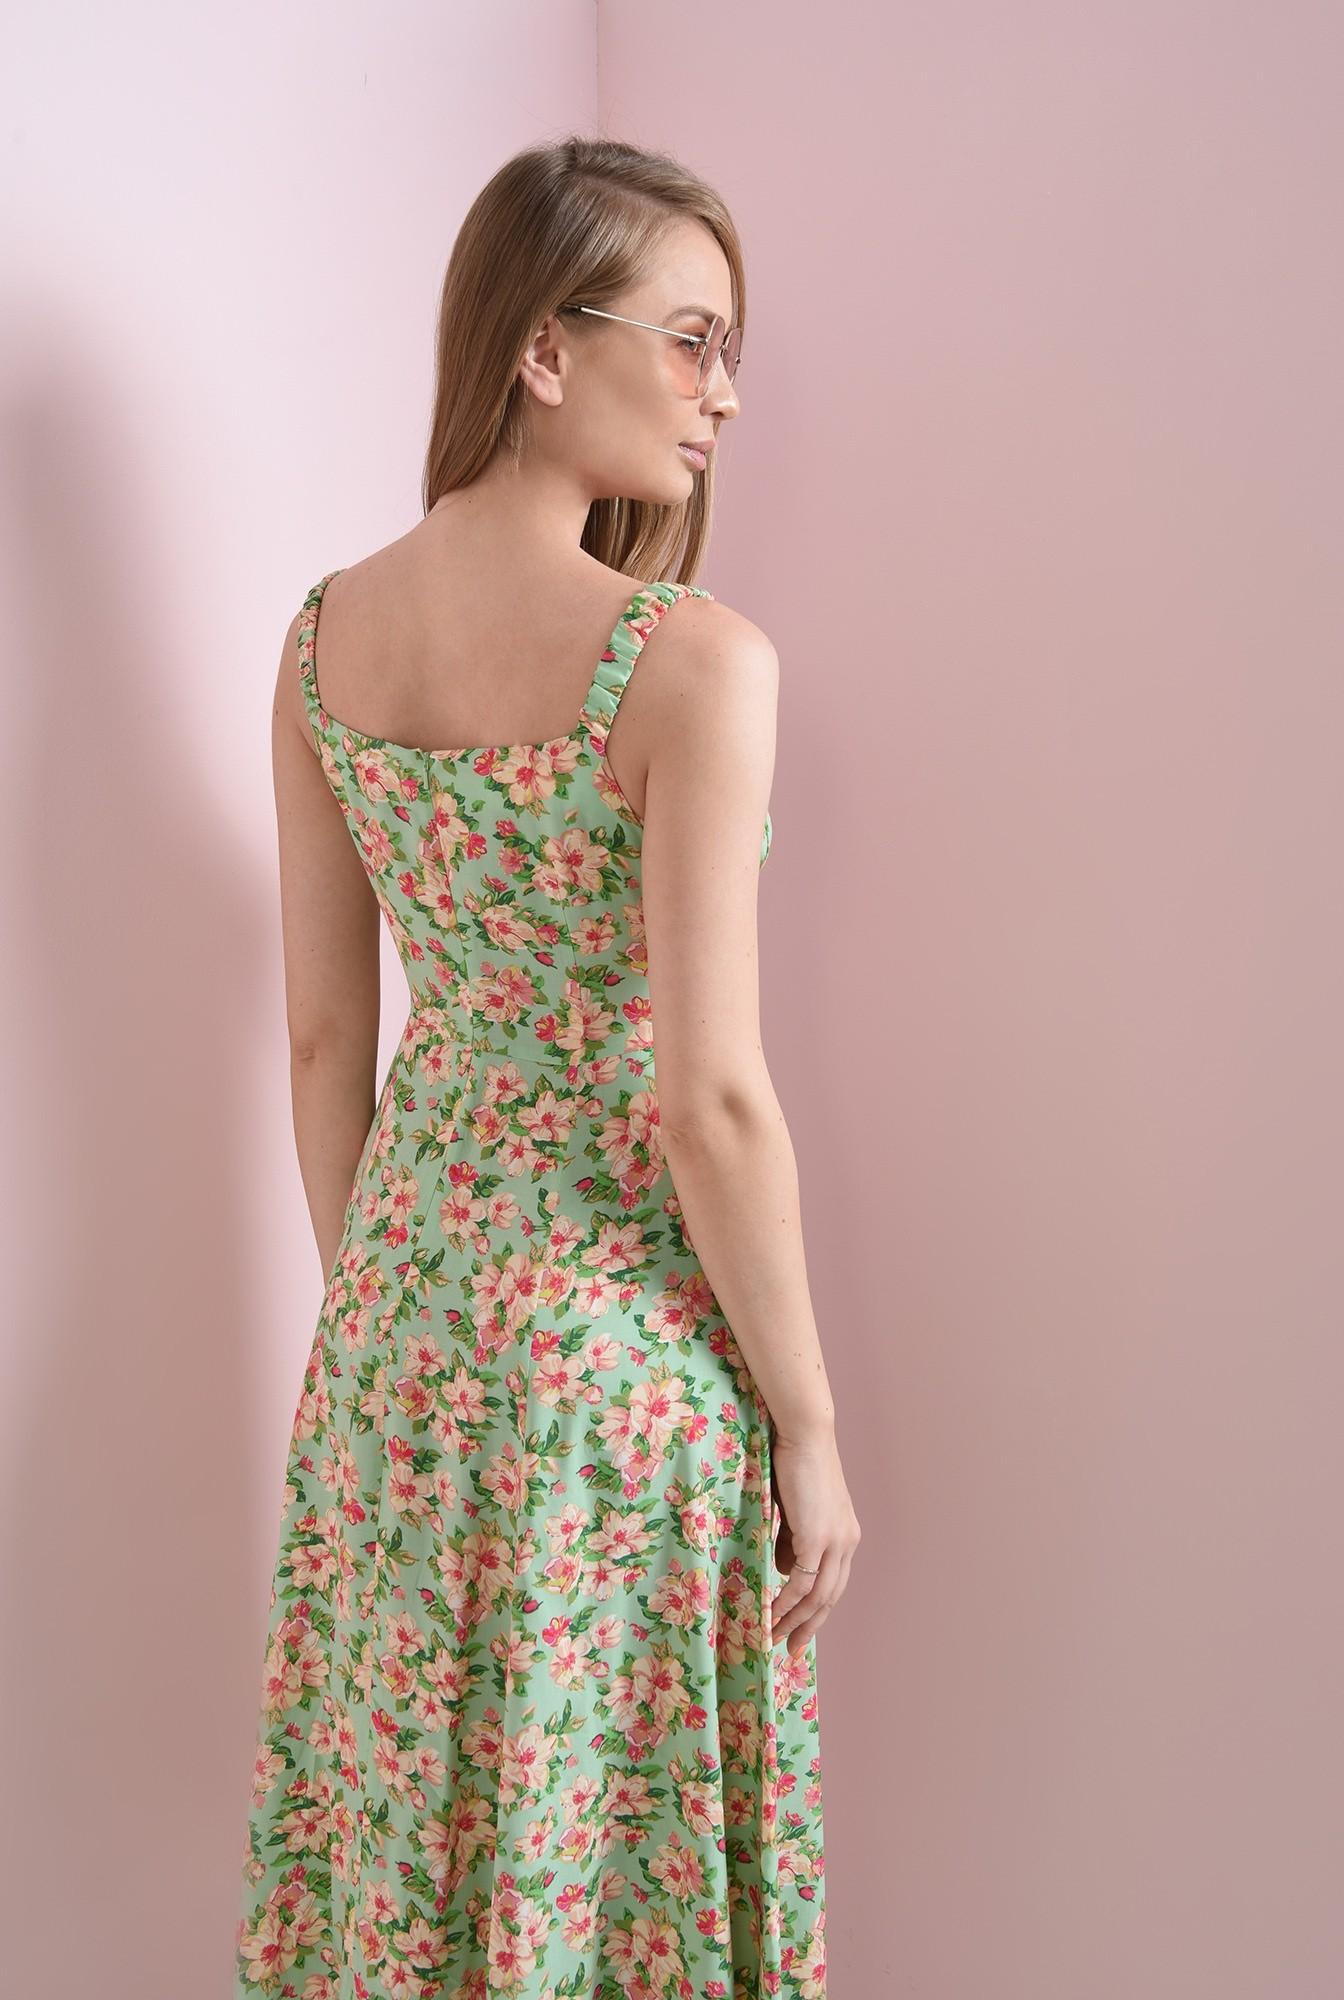 2 - rochie casual, cu motive florale, cu decolteu incretit